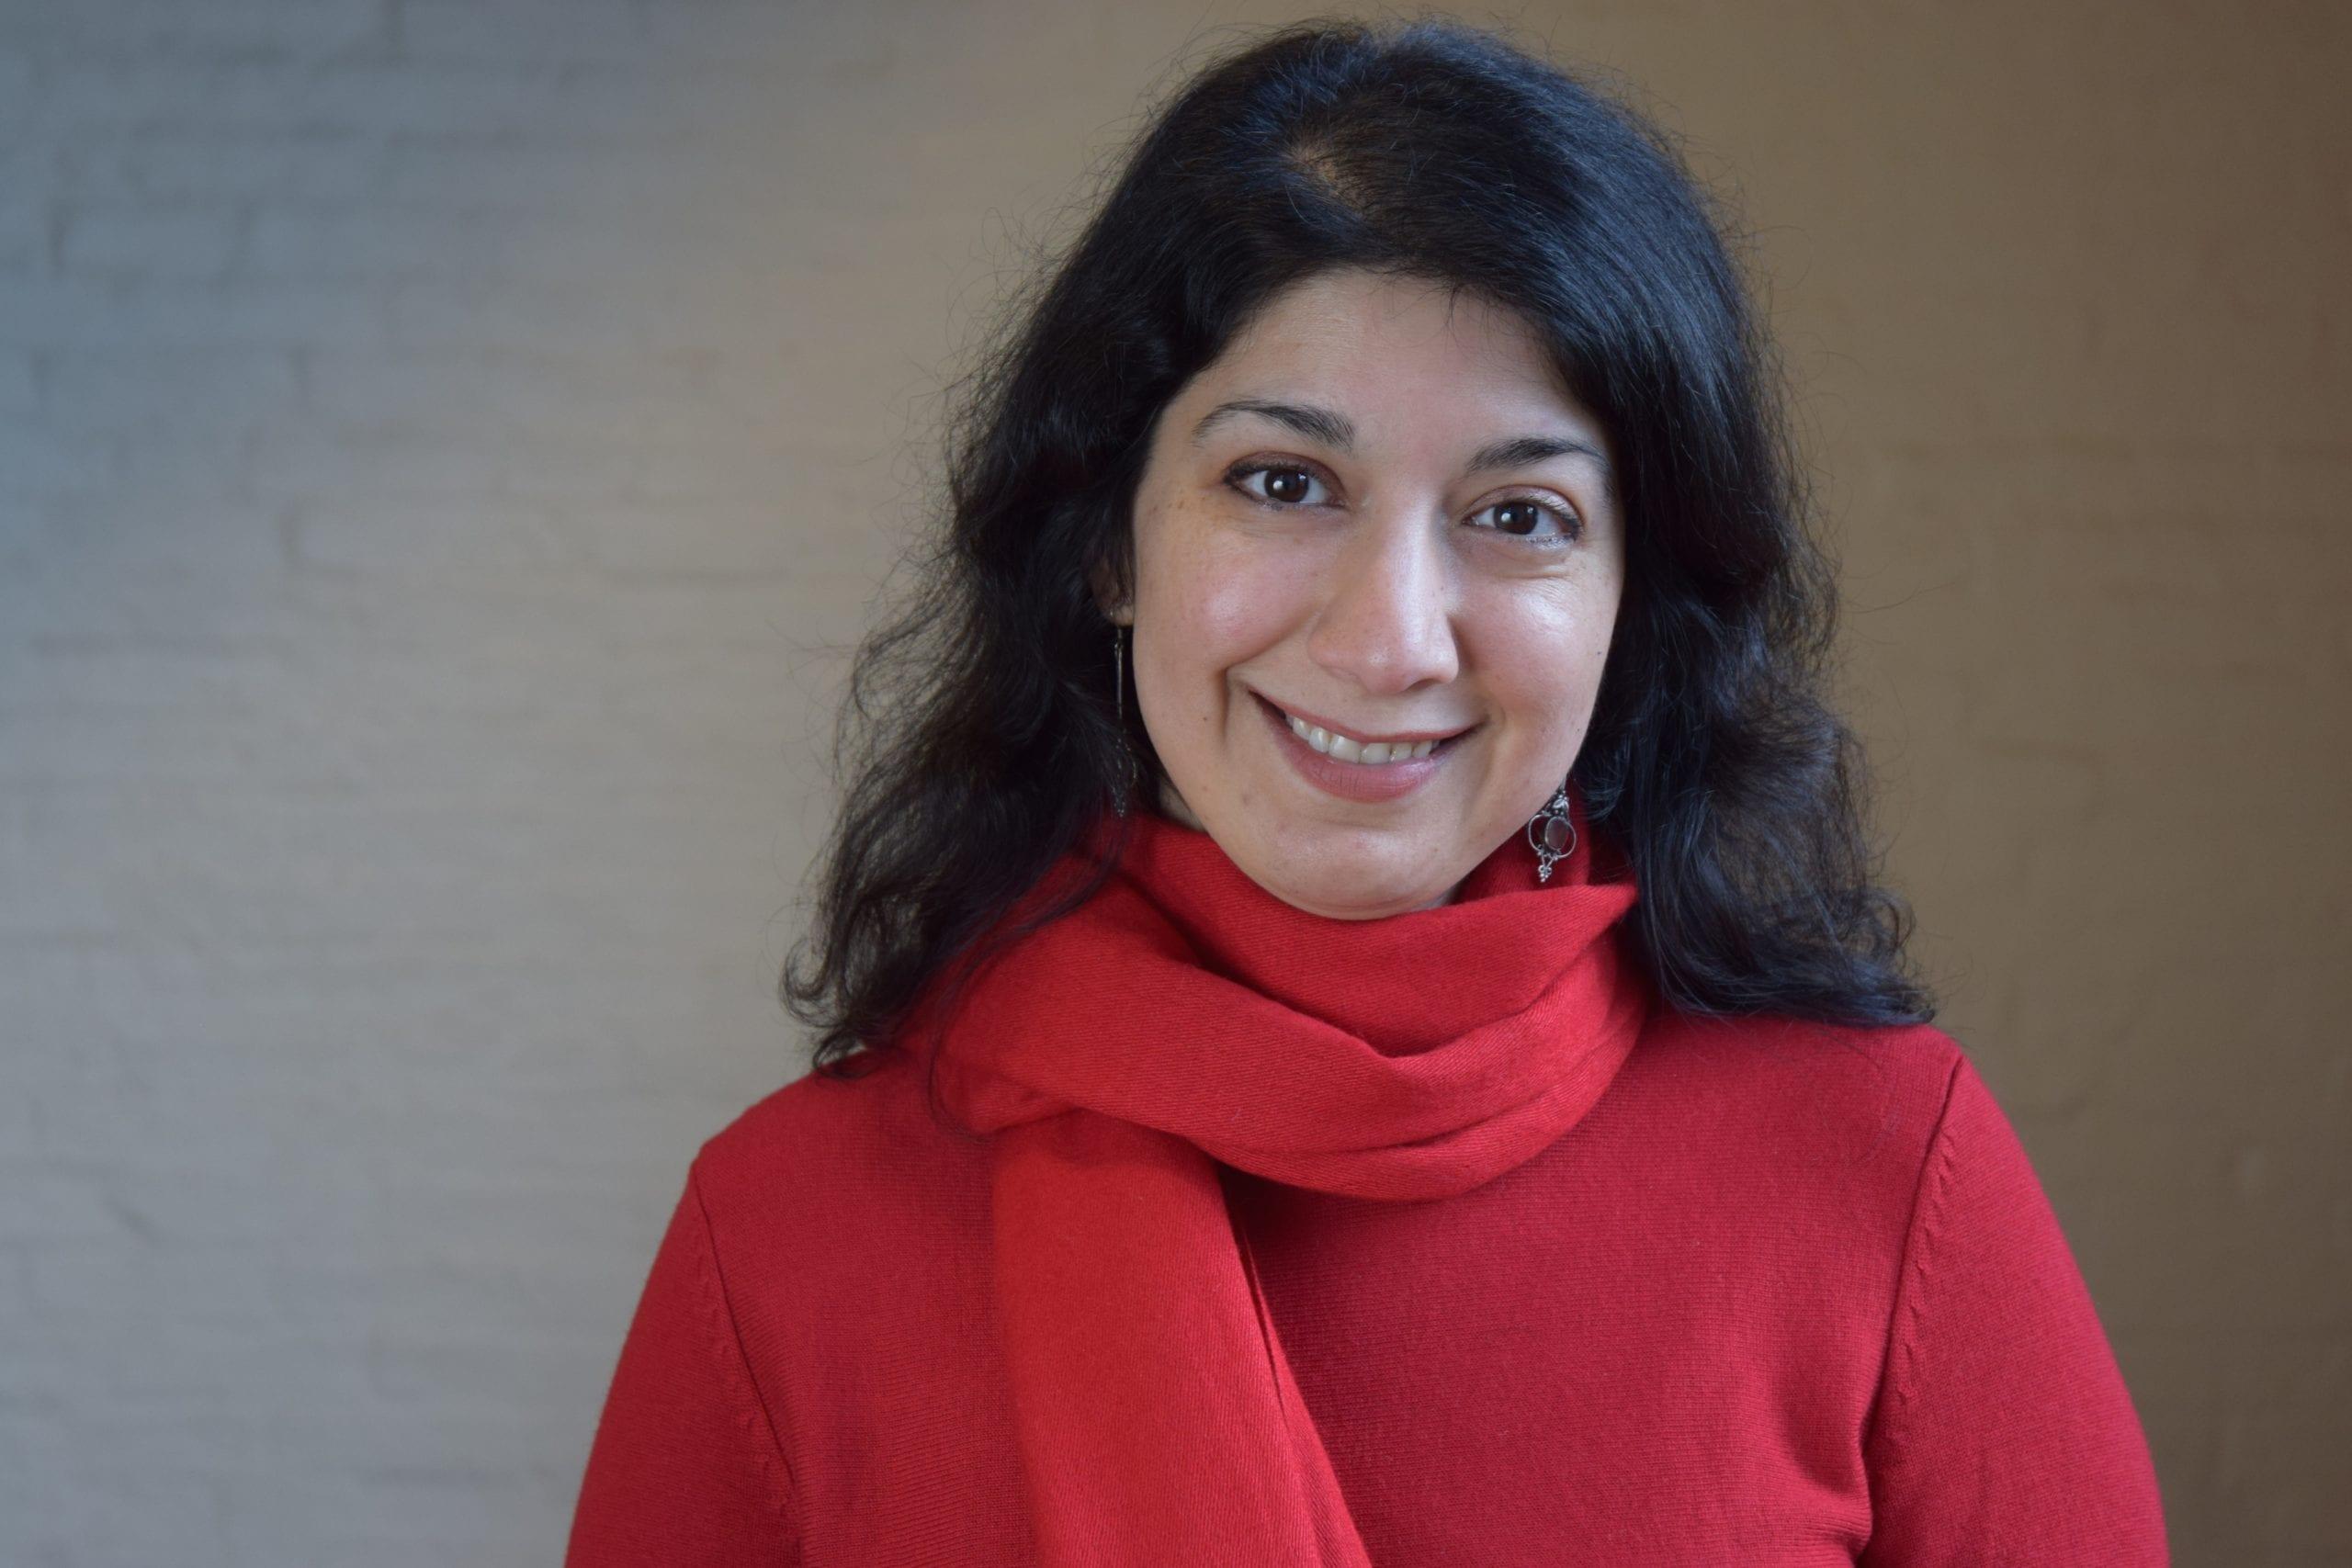 Homayra Ziad